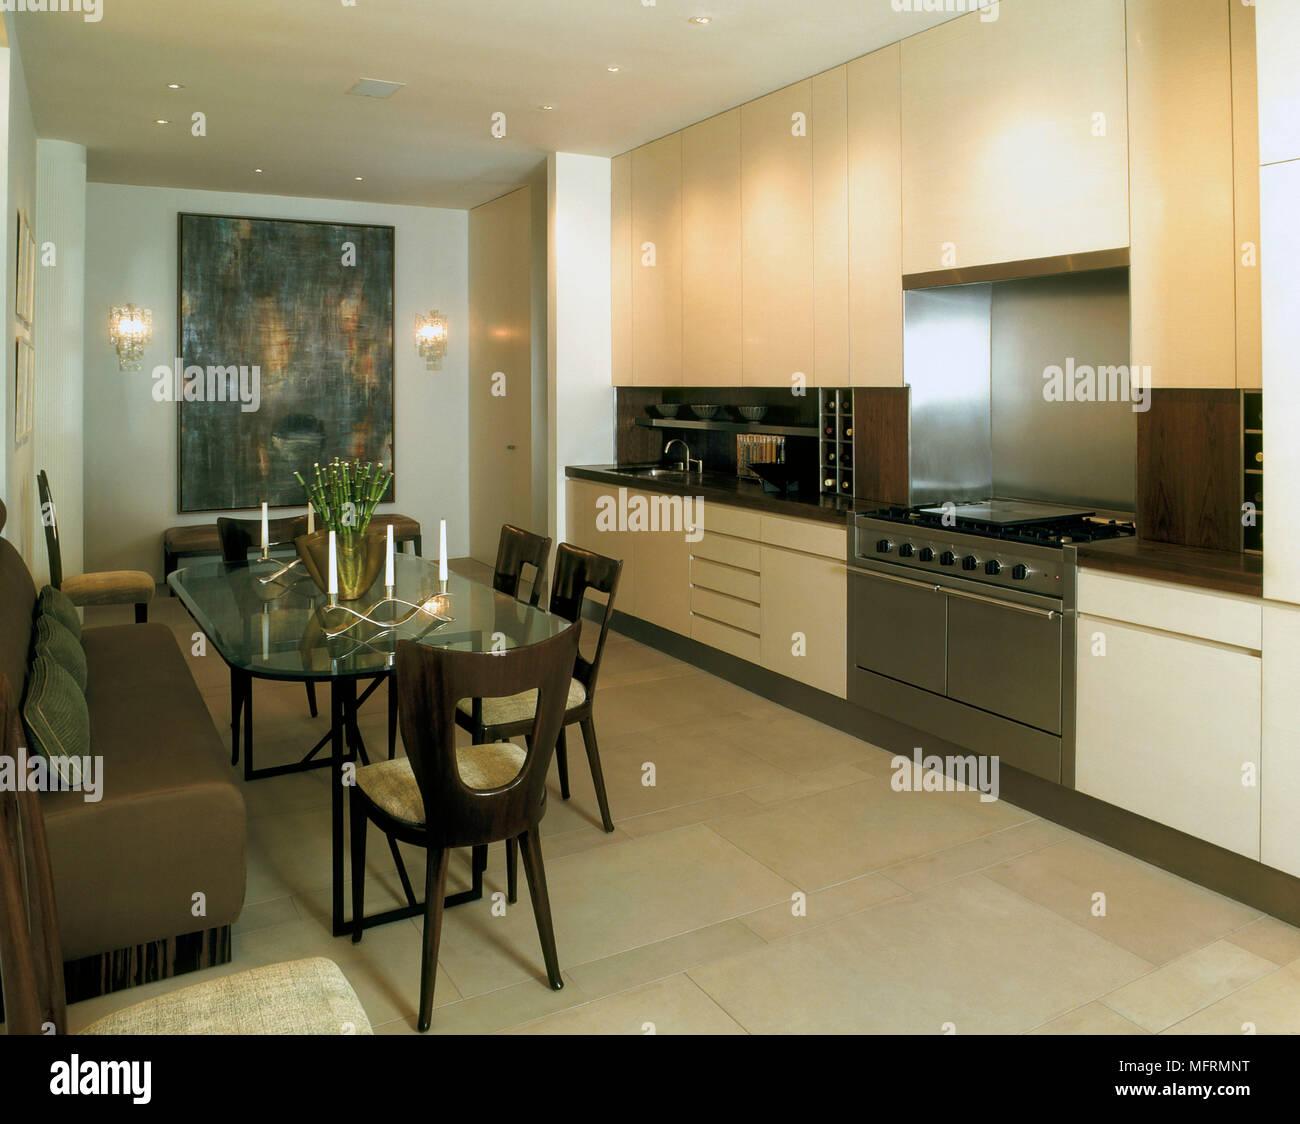 Eine moderne offene Küche mit Essbereich neutrale Einheiten Glas ...